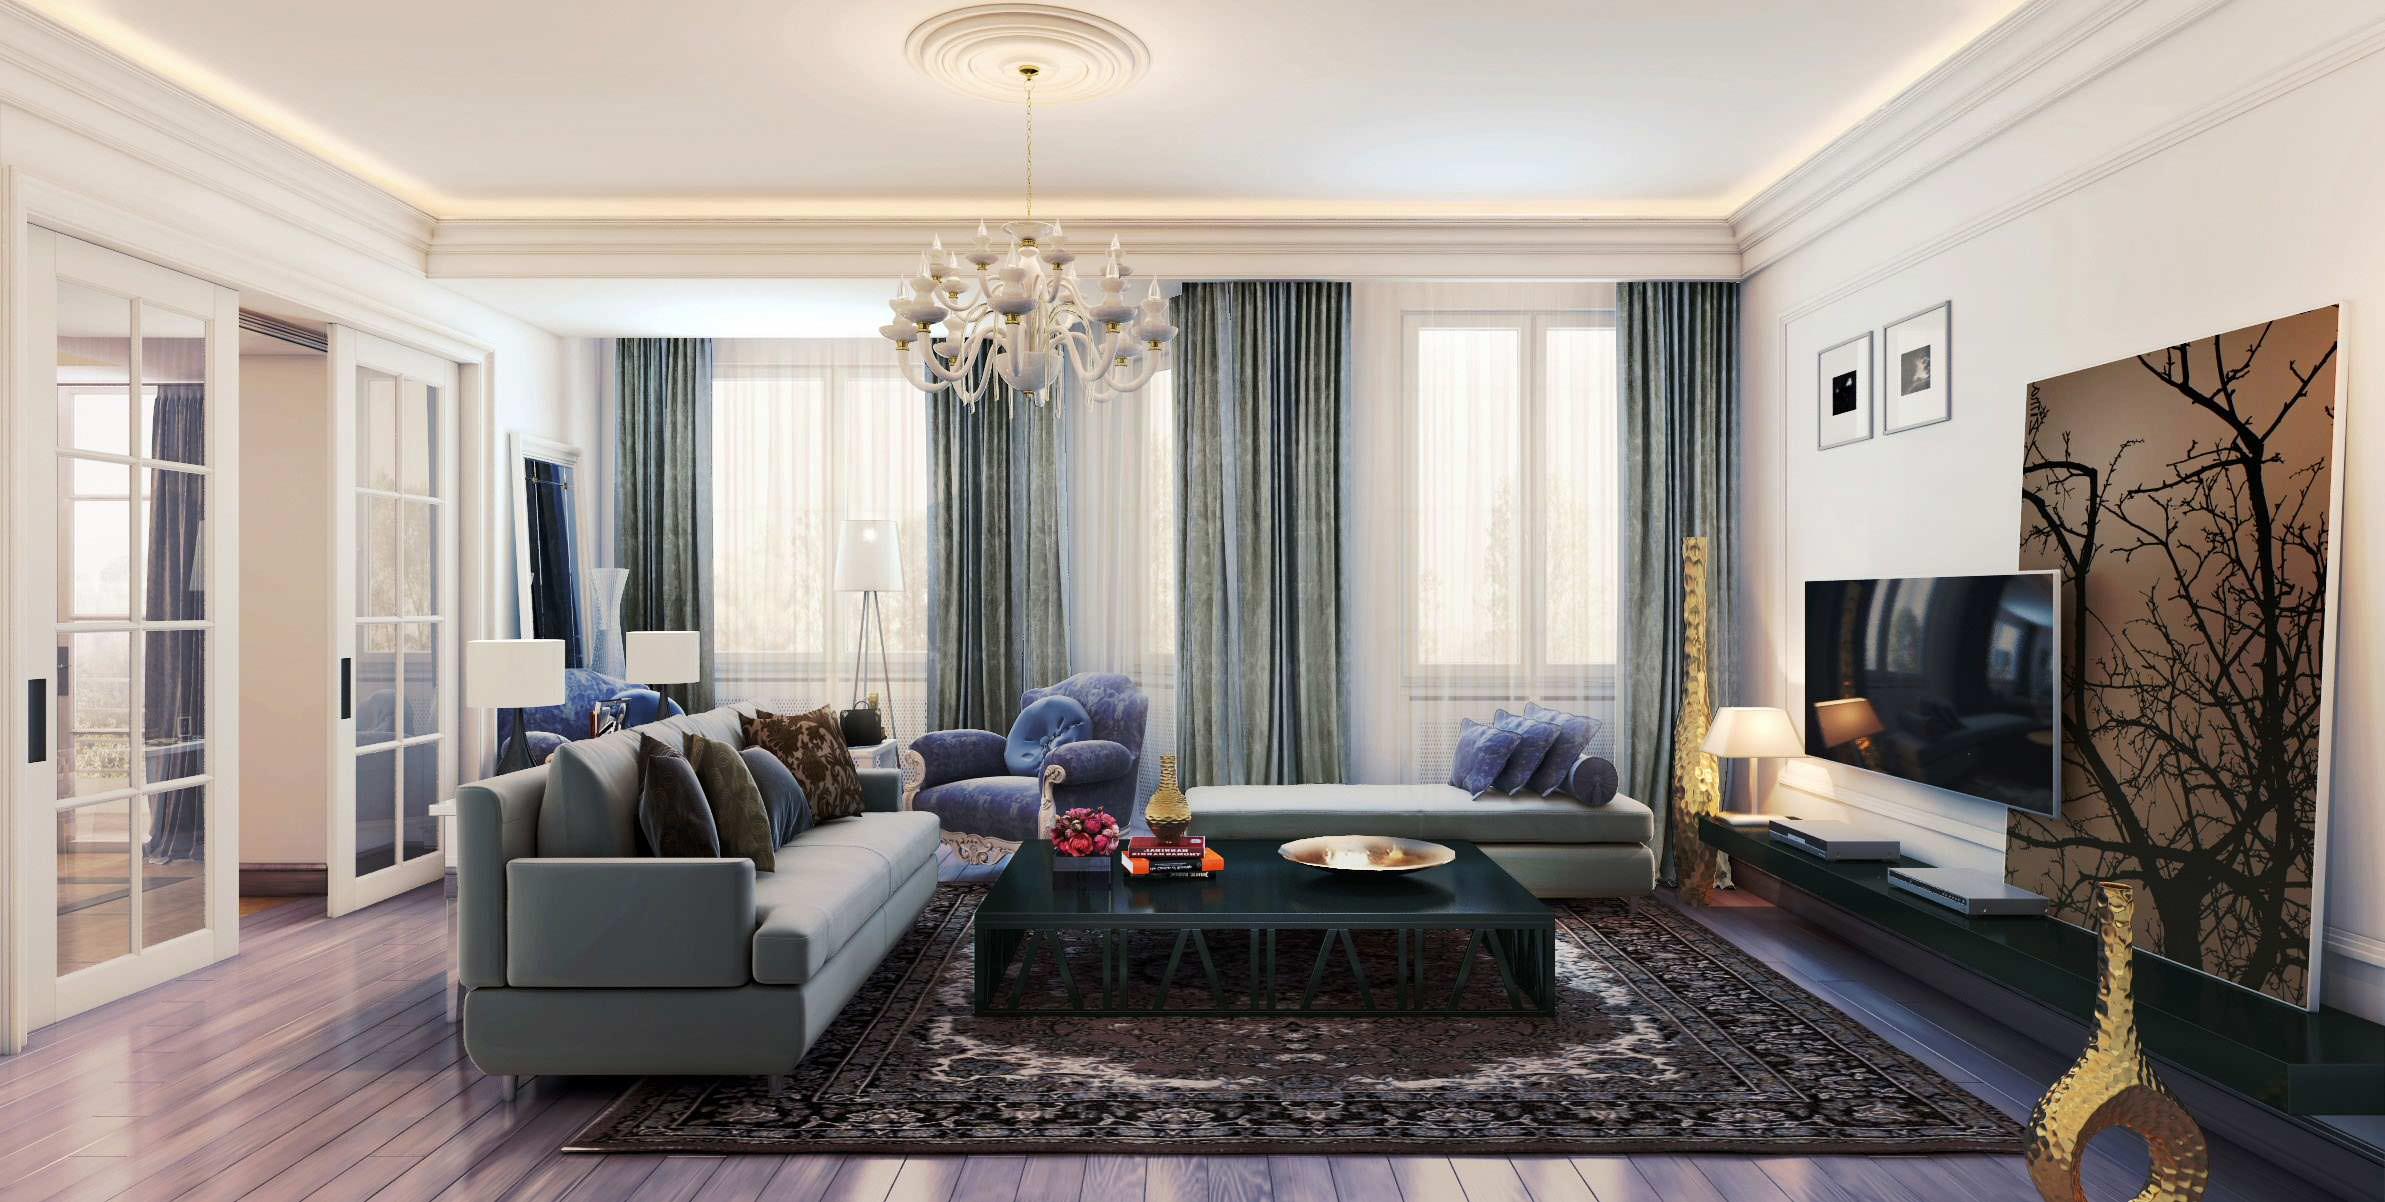 Appartamento CC   Ristrutturazione 150mq